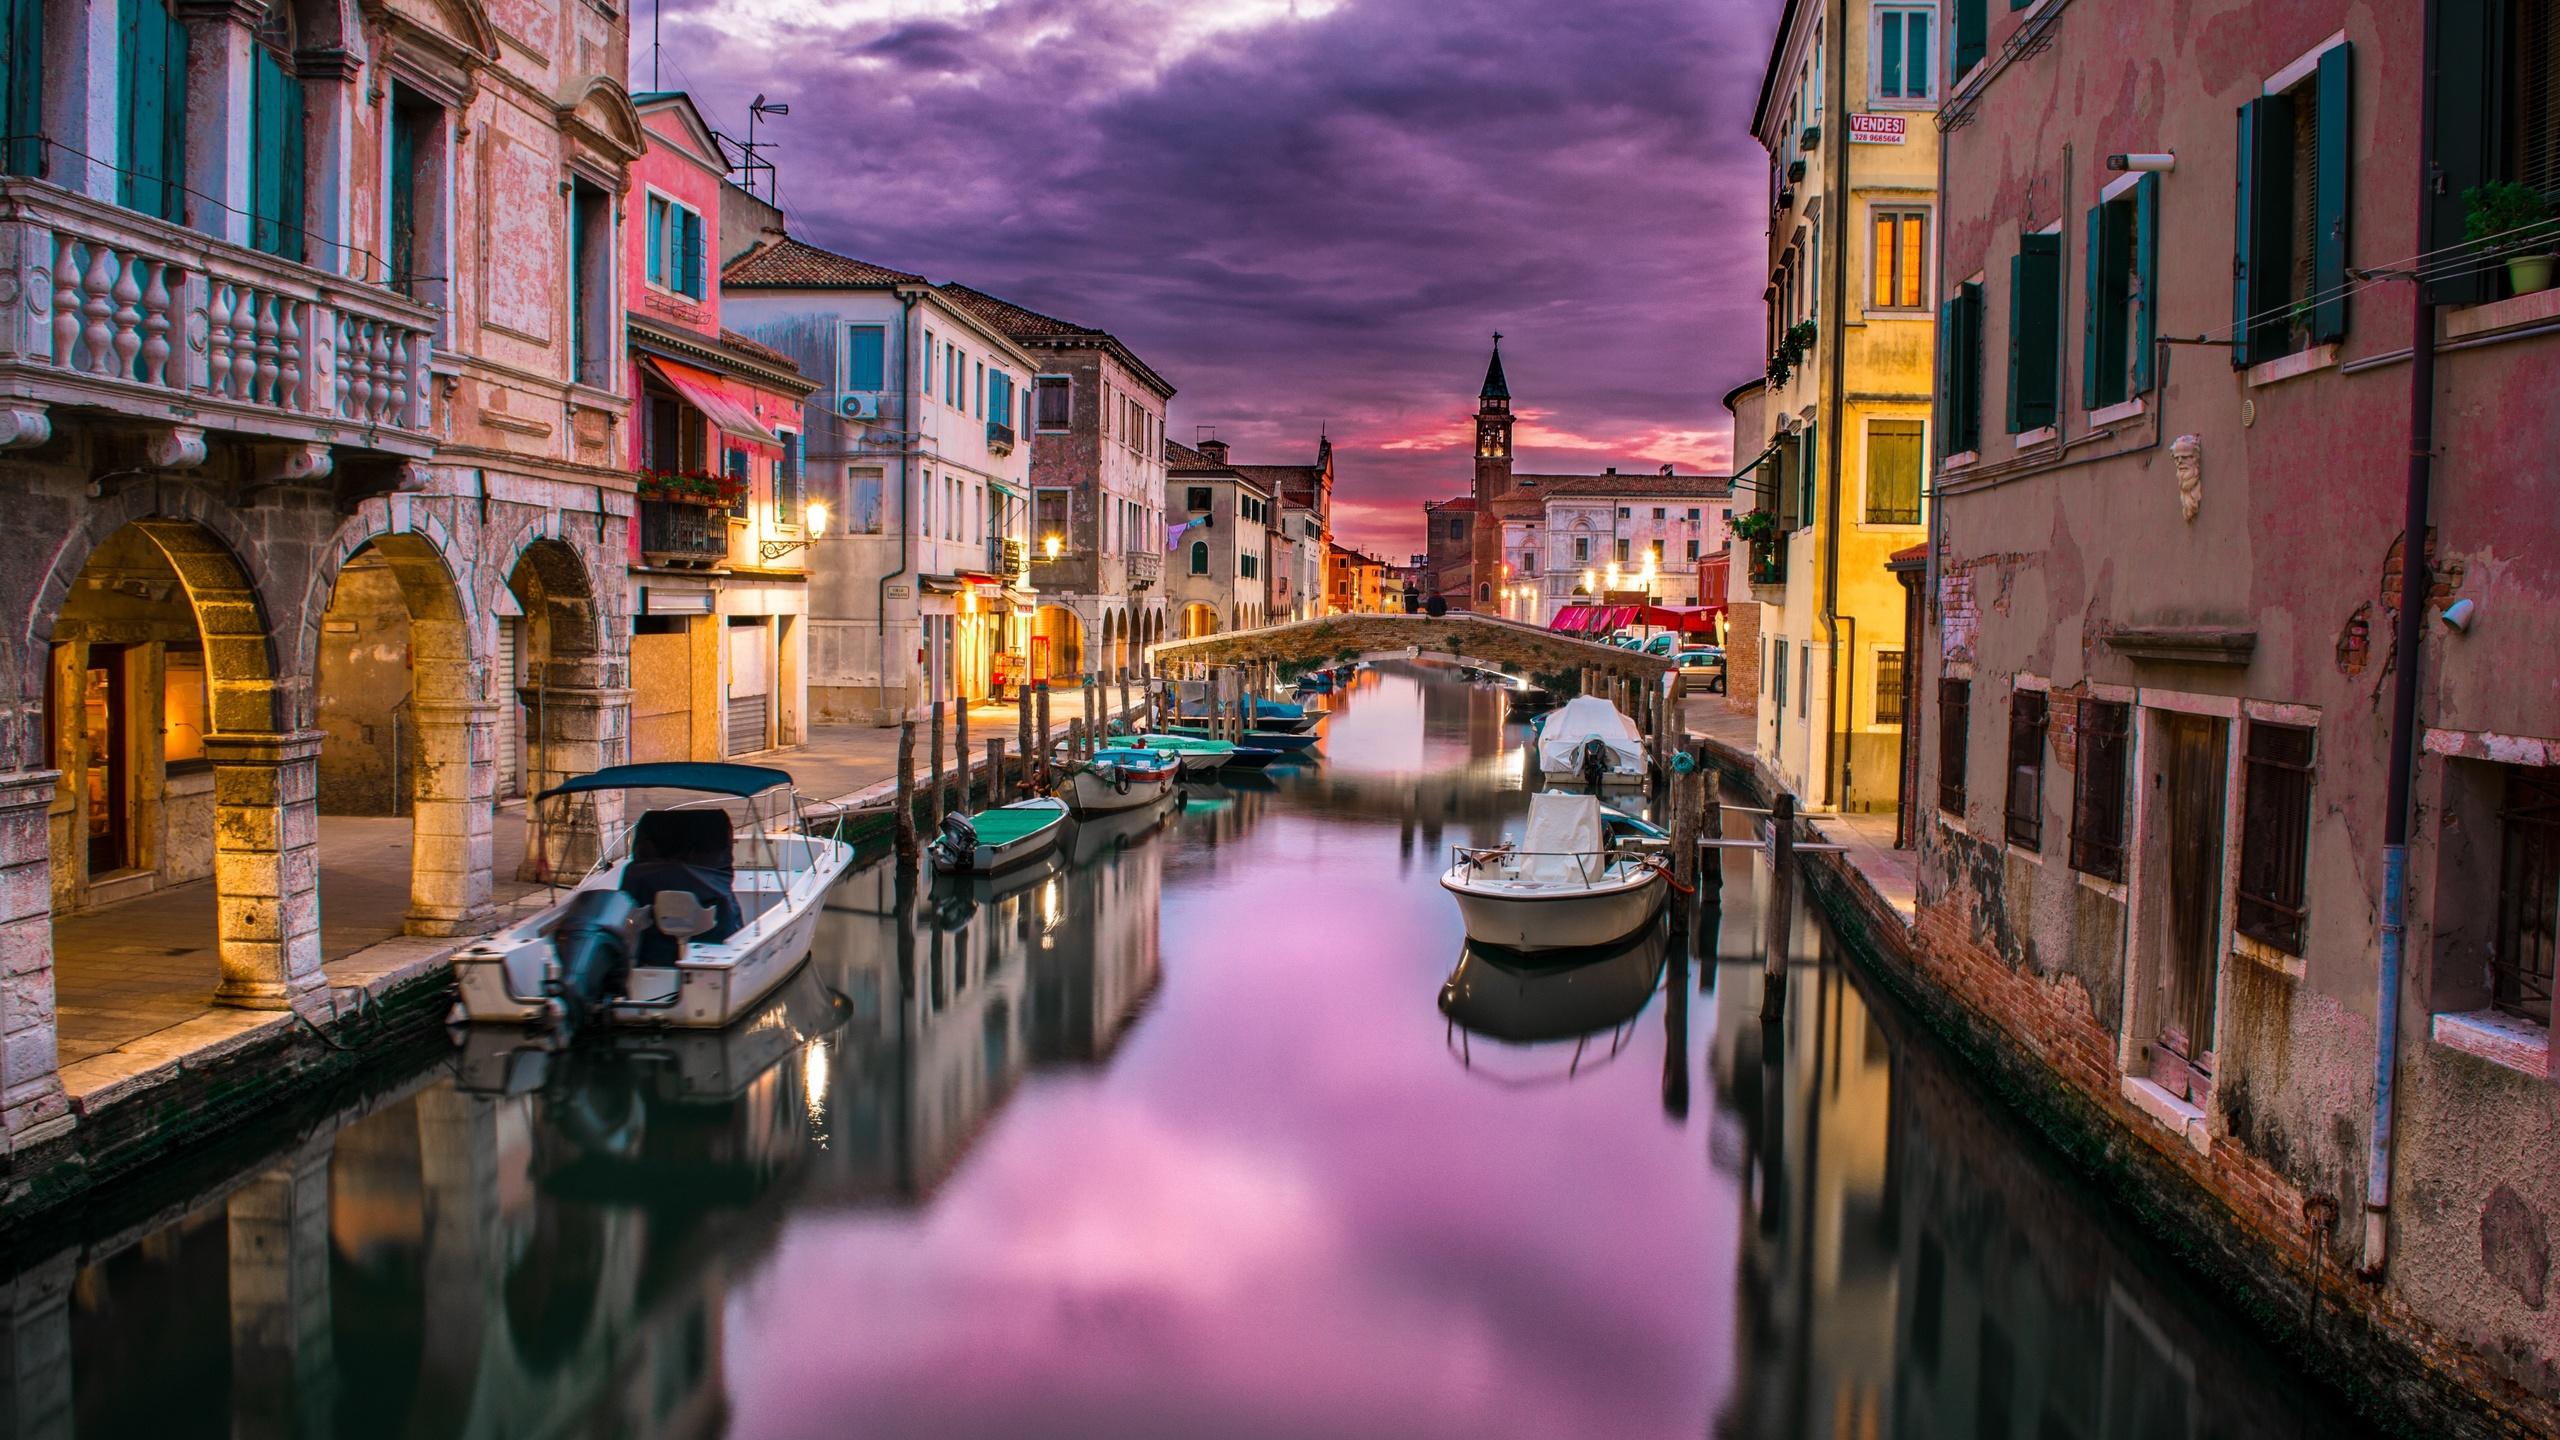 появилась венеция картинки для рабочего стола поэтому можно найти